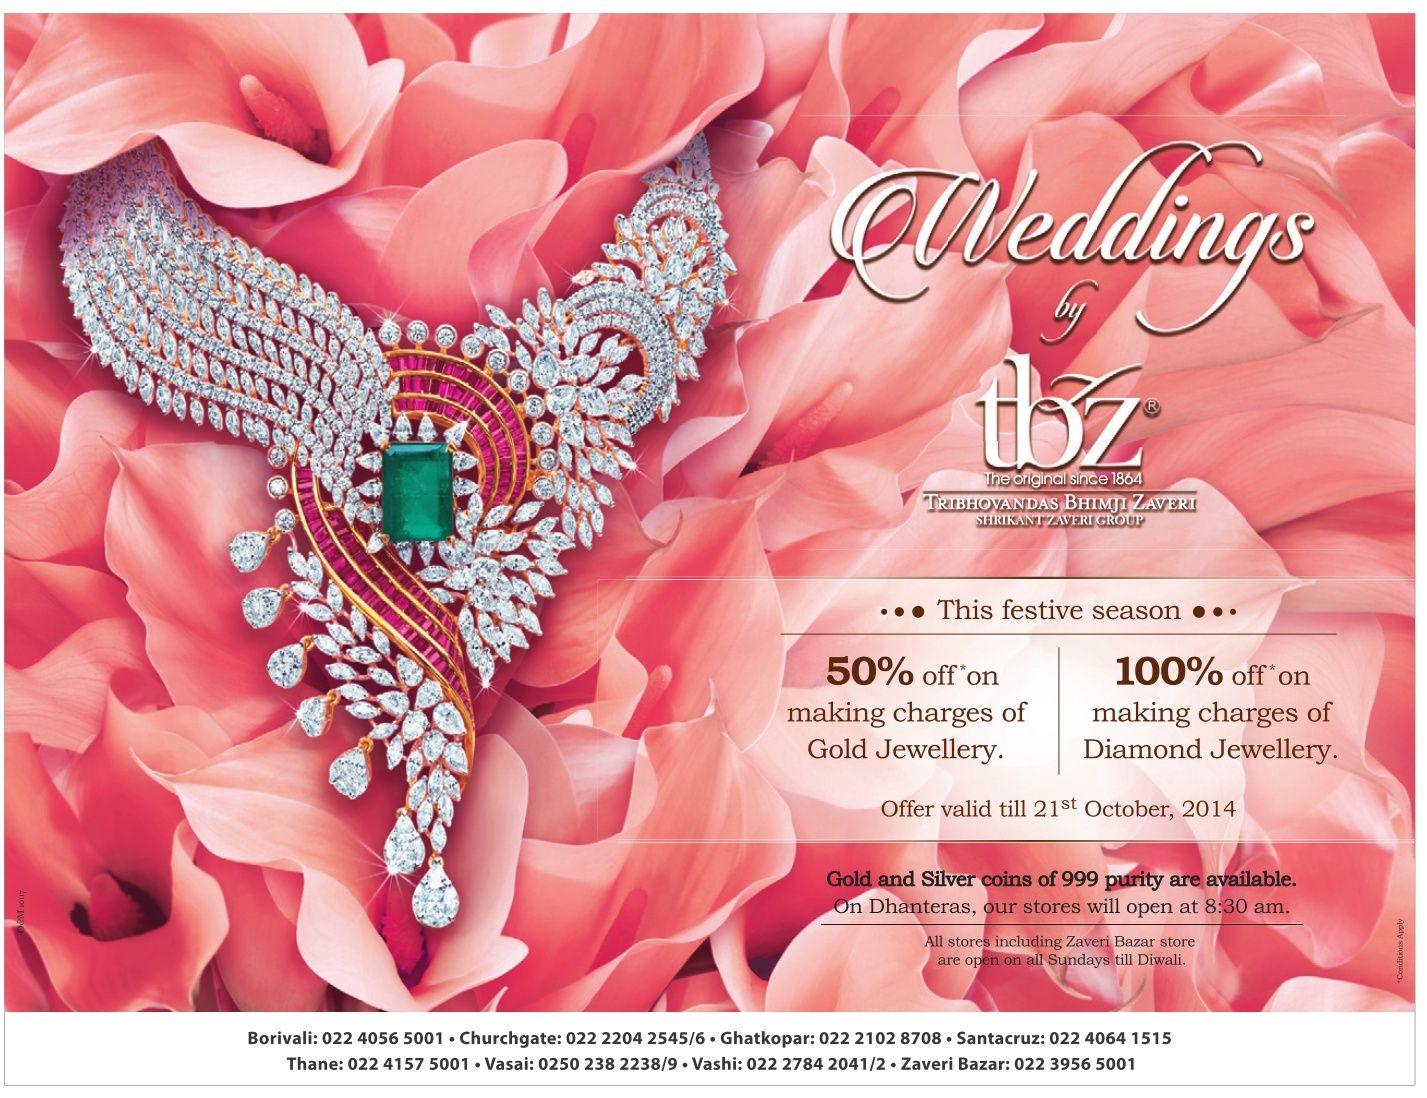 wedding collection , #goldjewellery , #diamondjewellery , #goldcoins ...